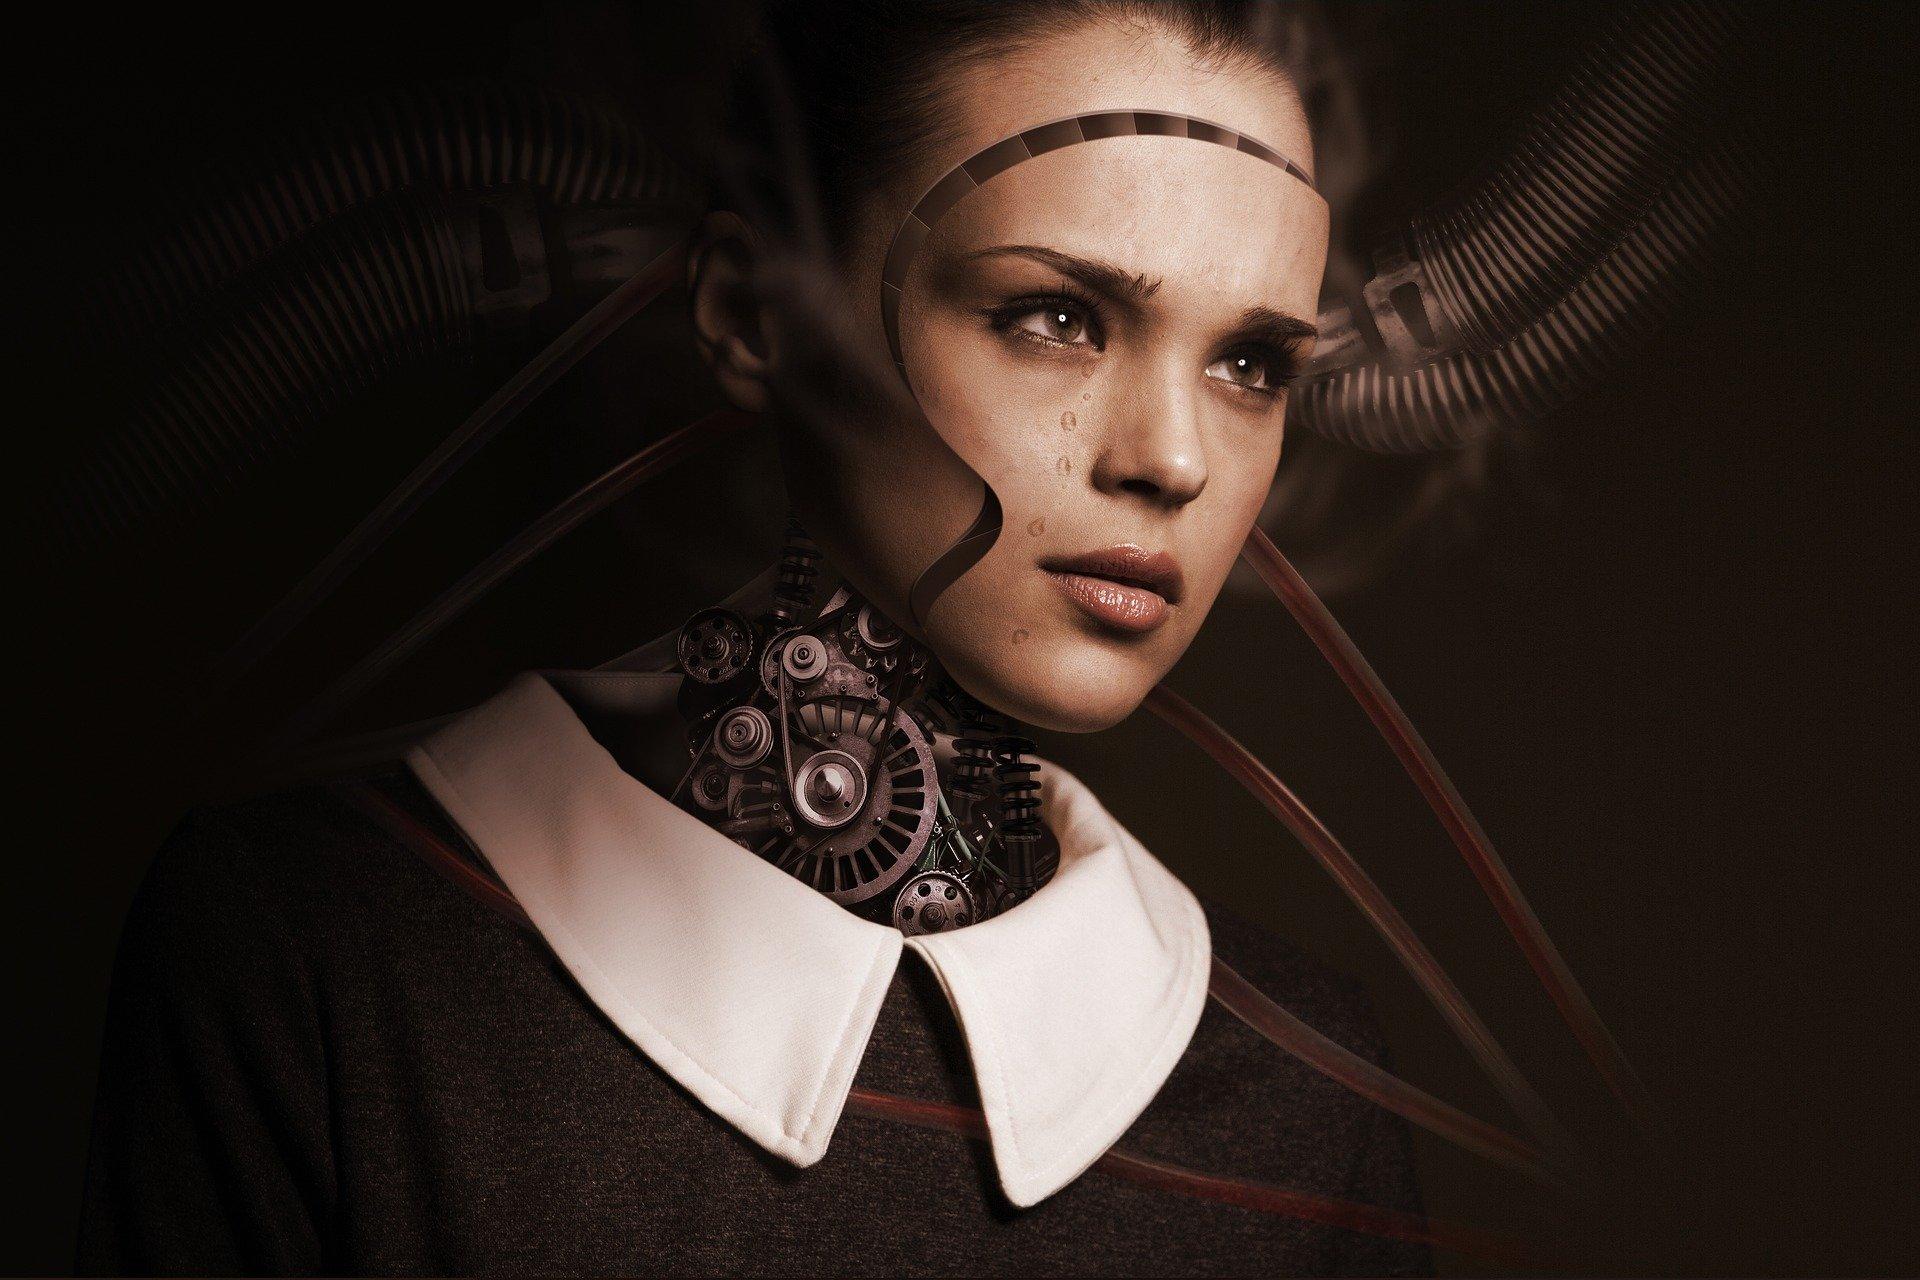 人工智能时代你还能再找到工作吗?2021思考 1